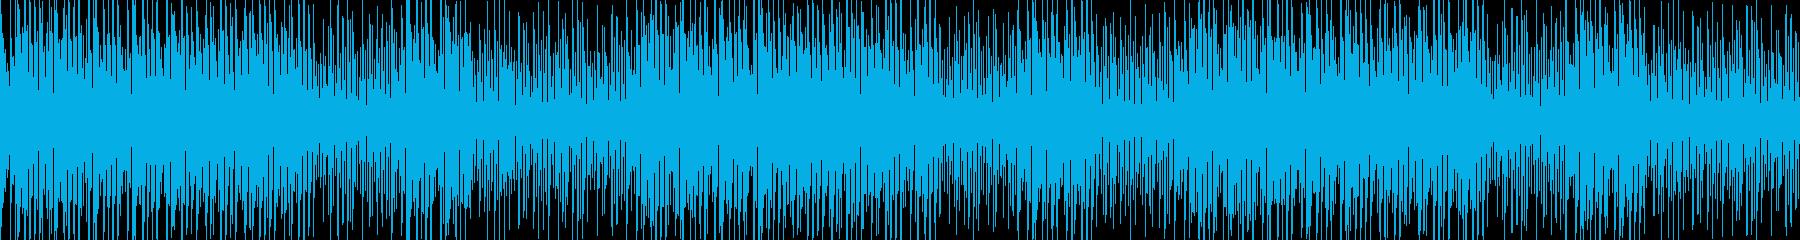 透明感のある爽やかなウクレレBGMの再生済みの波形